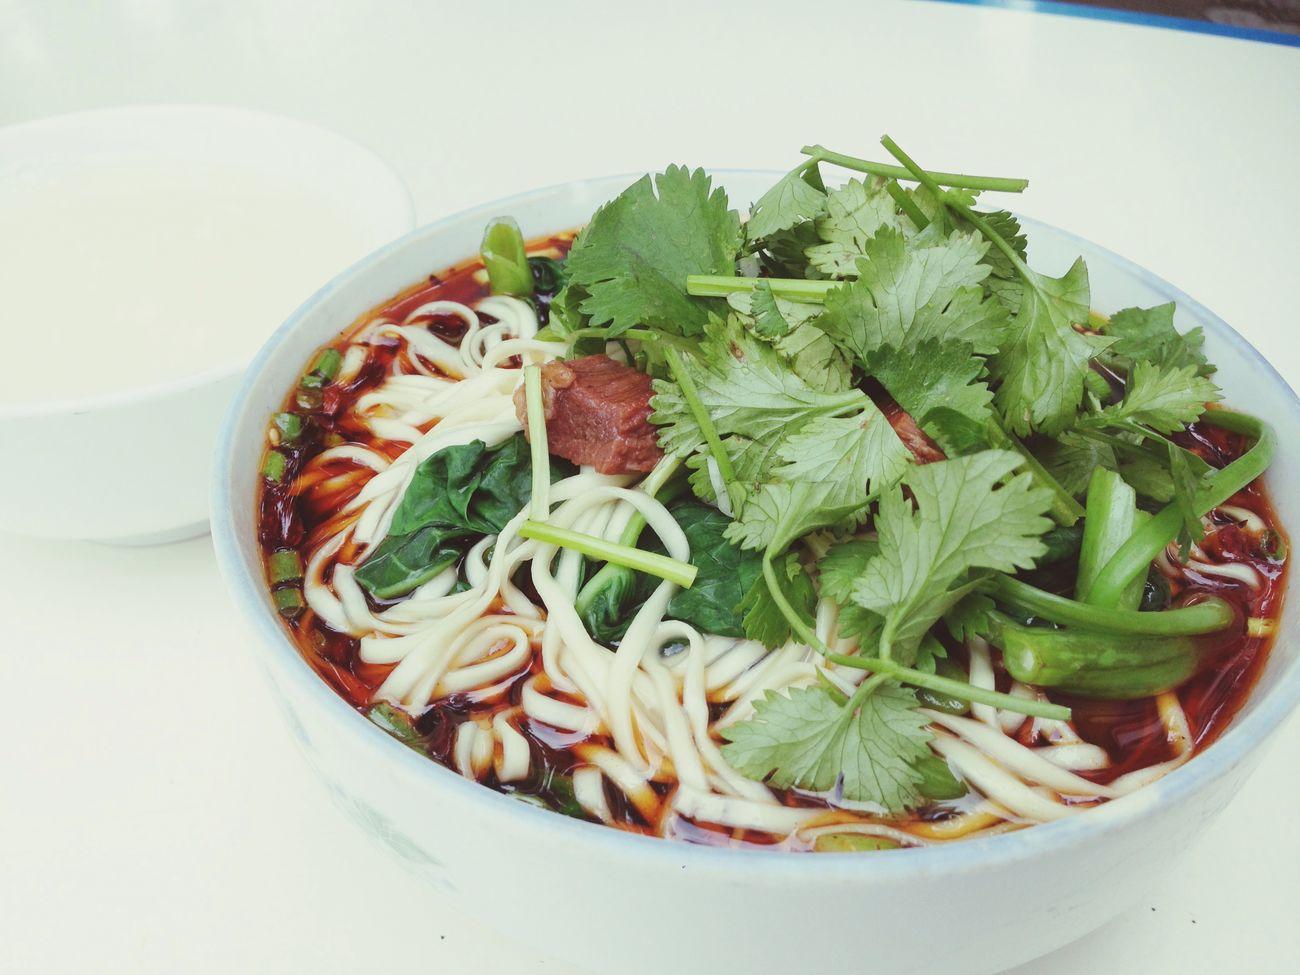 Food noodles